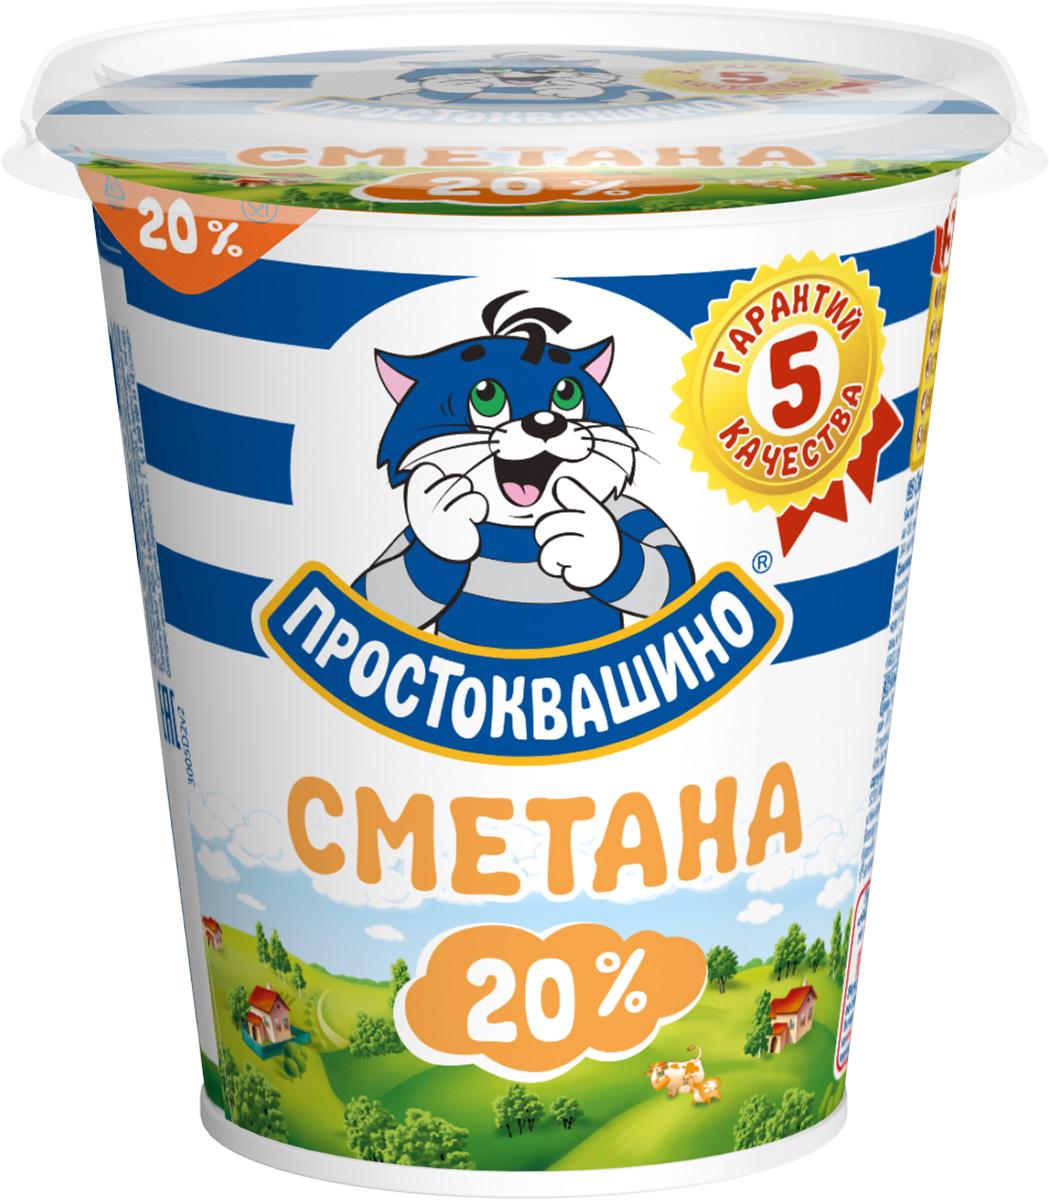 Простоквашино Сметана 20%, 315 г112460Сметана Простоквашино 20% - натуральный кисломолочный продукт, приготовленный по старинному русскому рецепту из сливок и закваски.